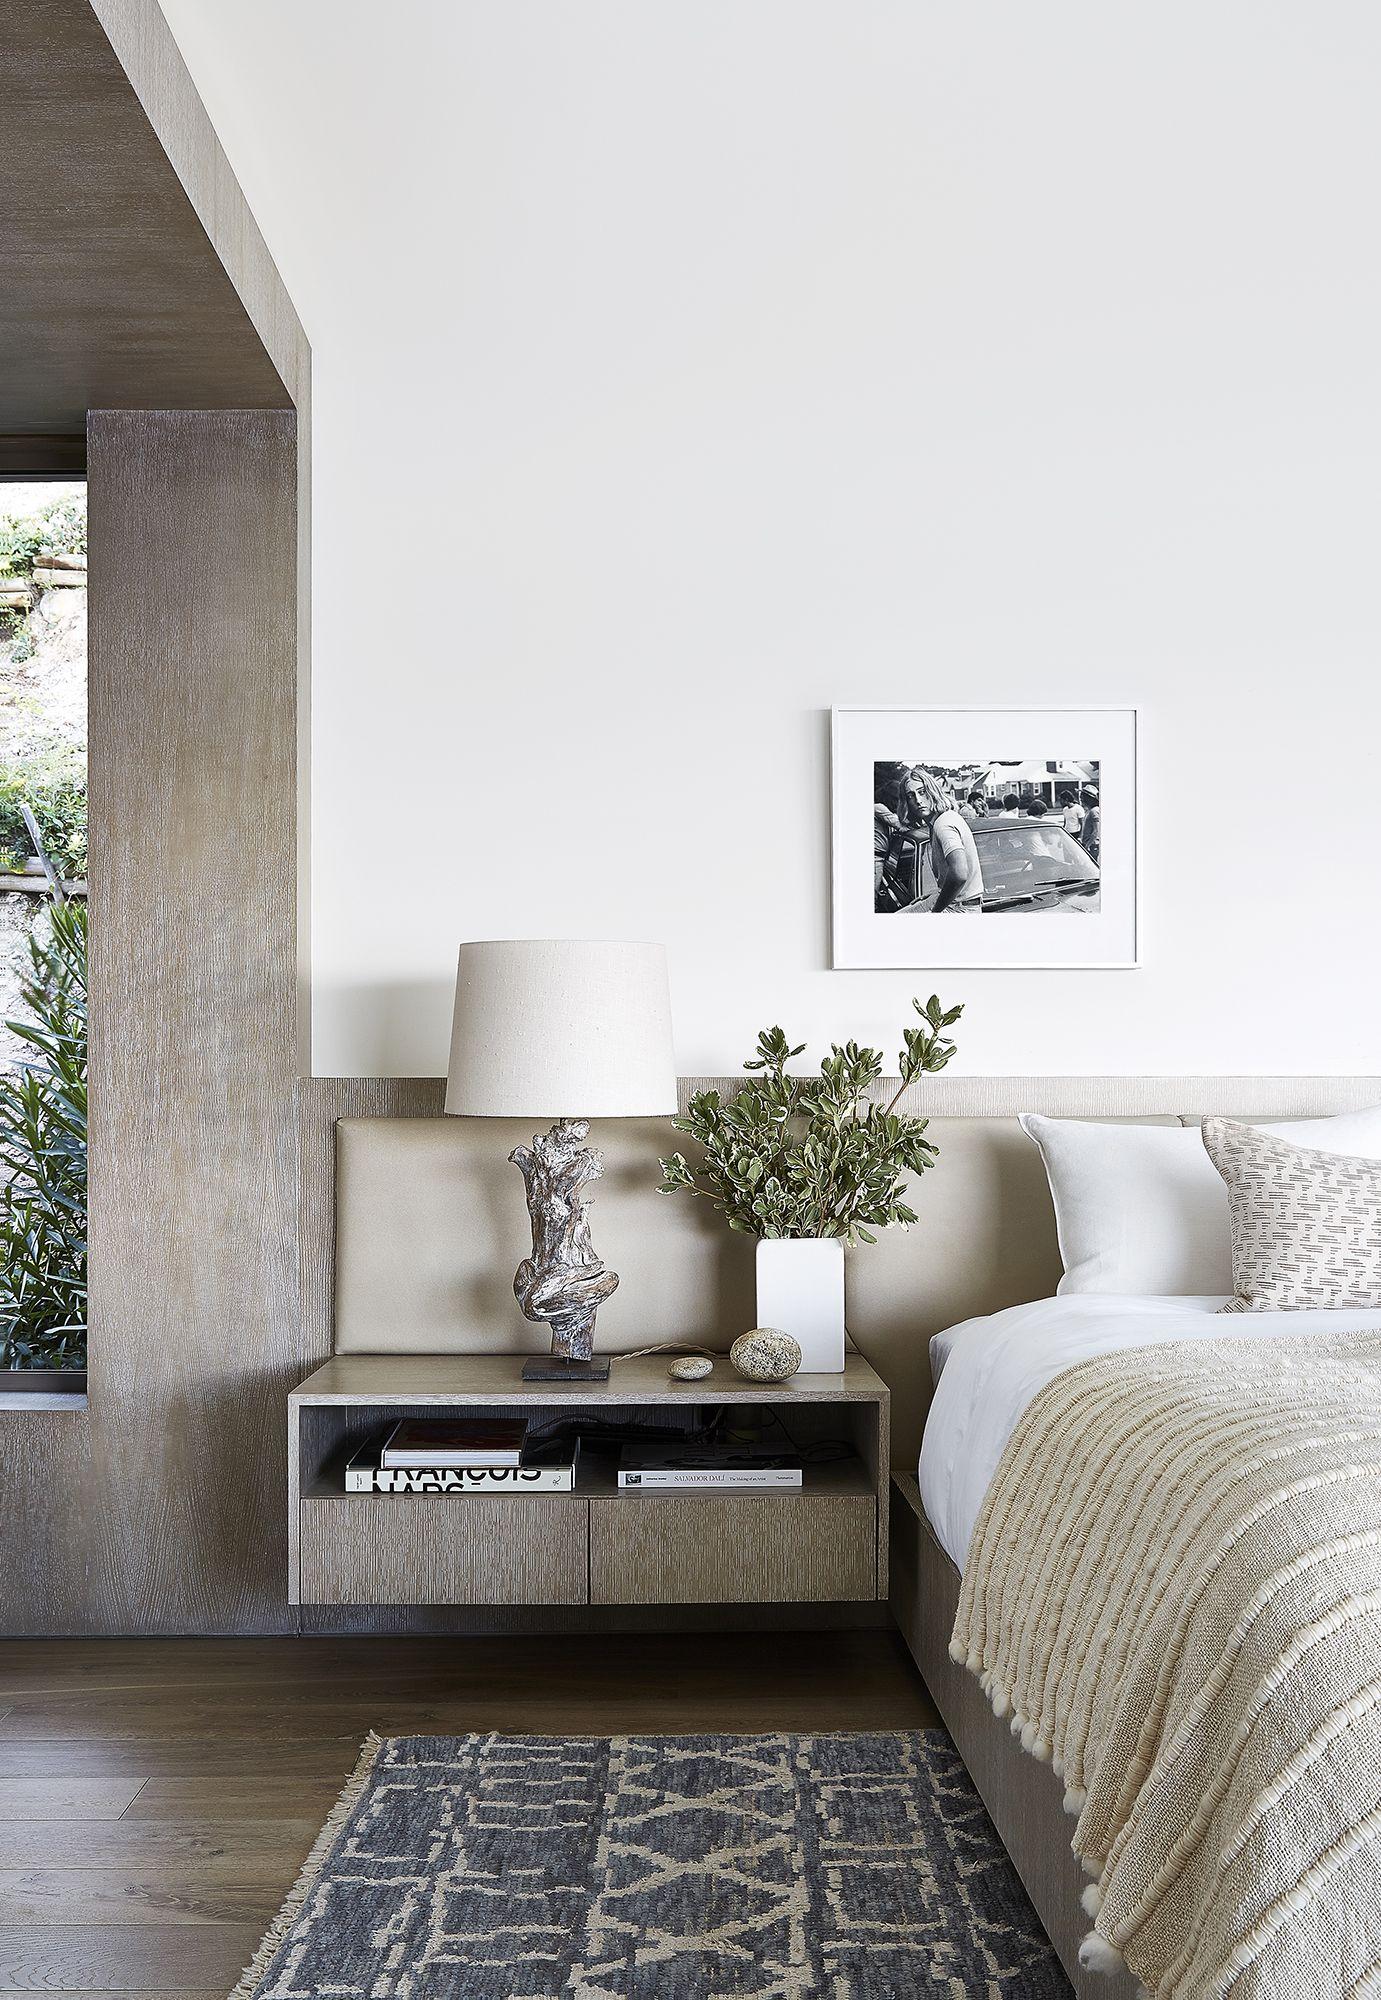 Seaside Retreat by Jamie Bush & Co. - Lookbook | Bedrooms, Room and ...